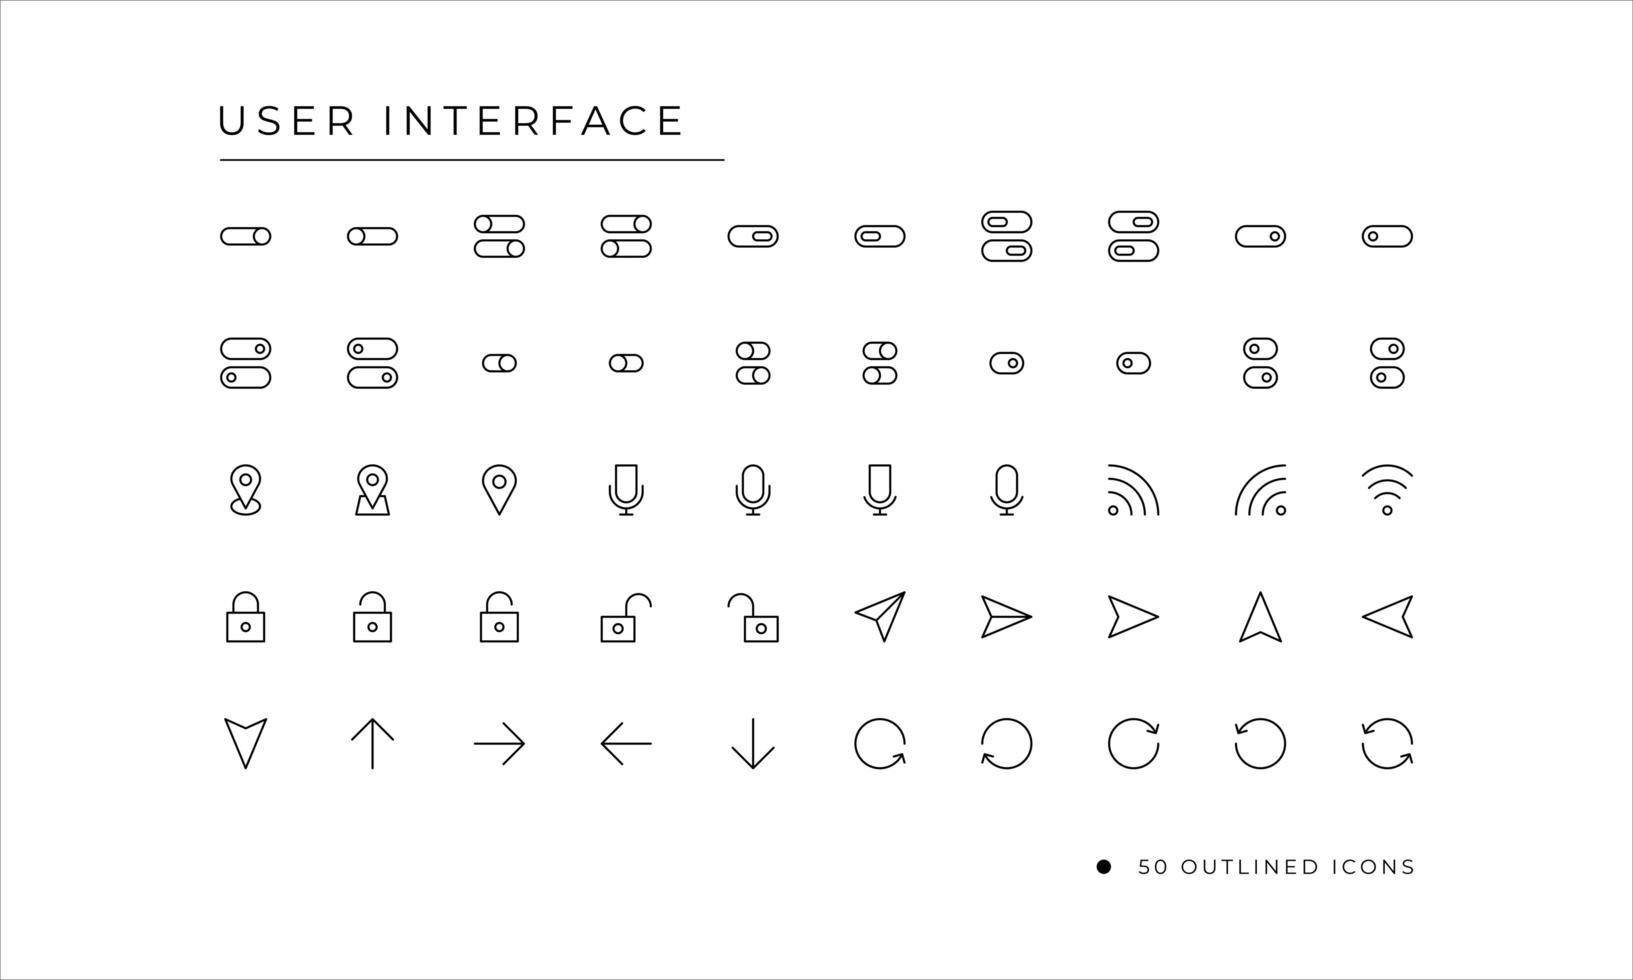 användargränssnitt ikonuppsättning med konturerad stil vektor